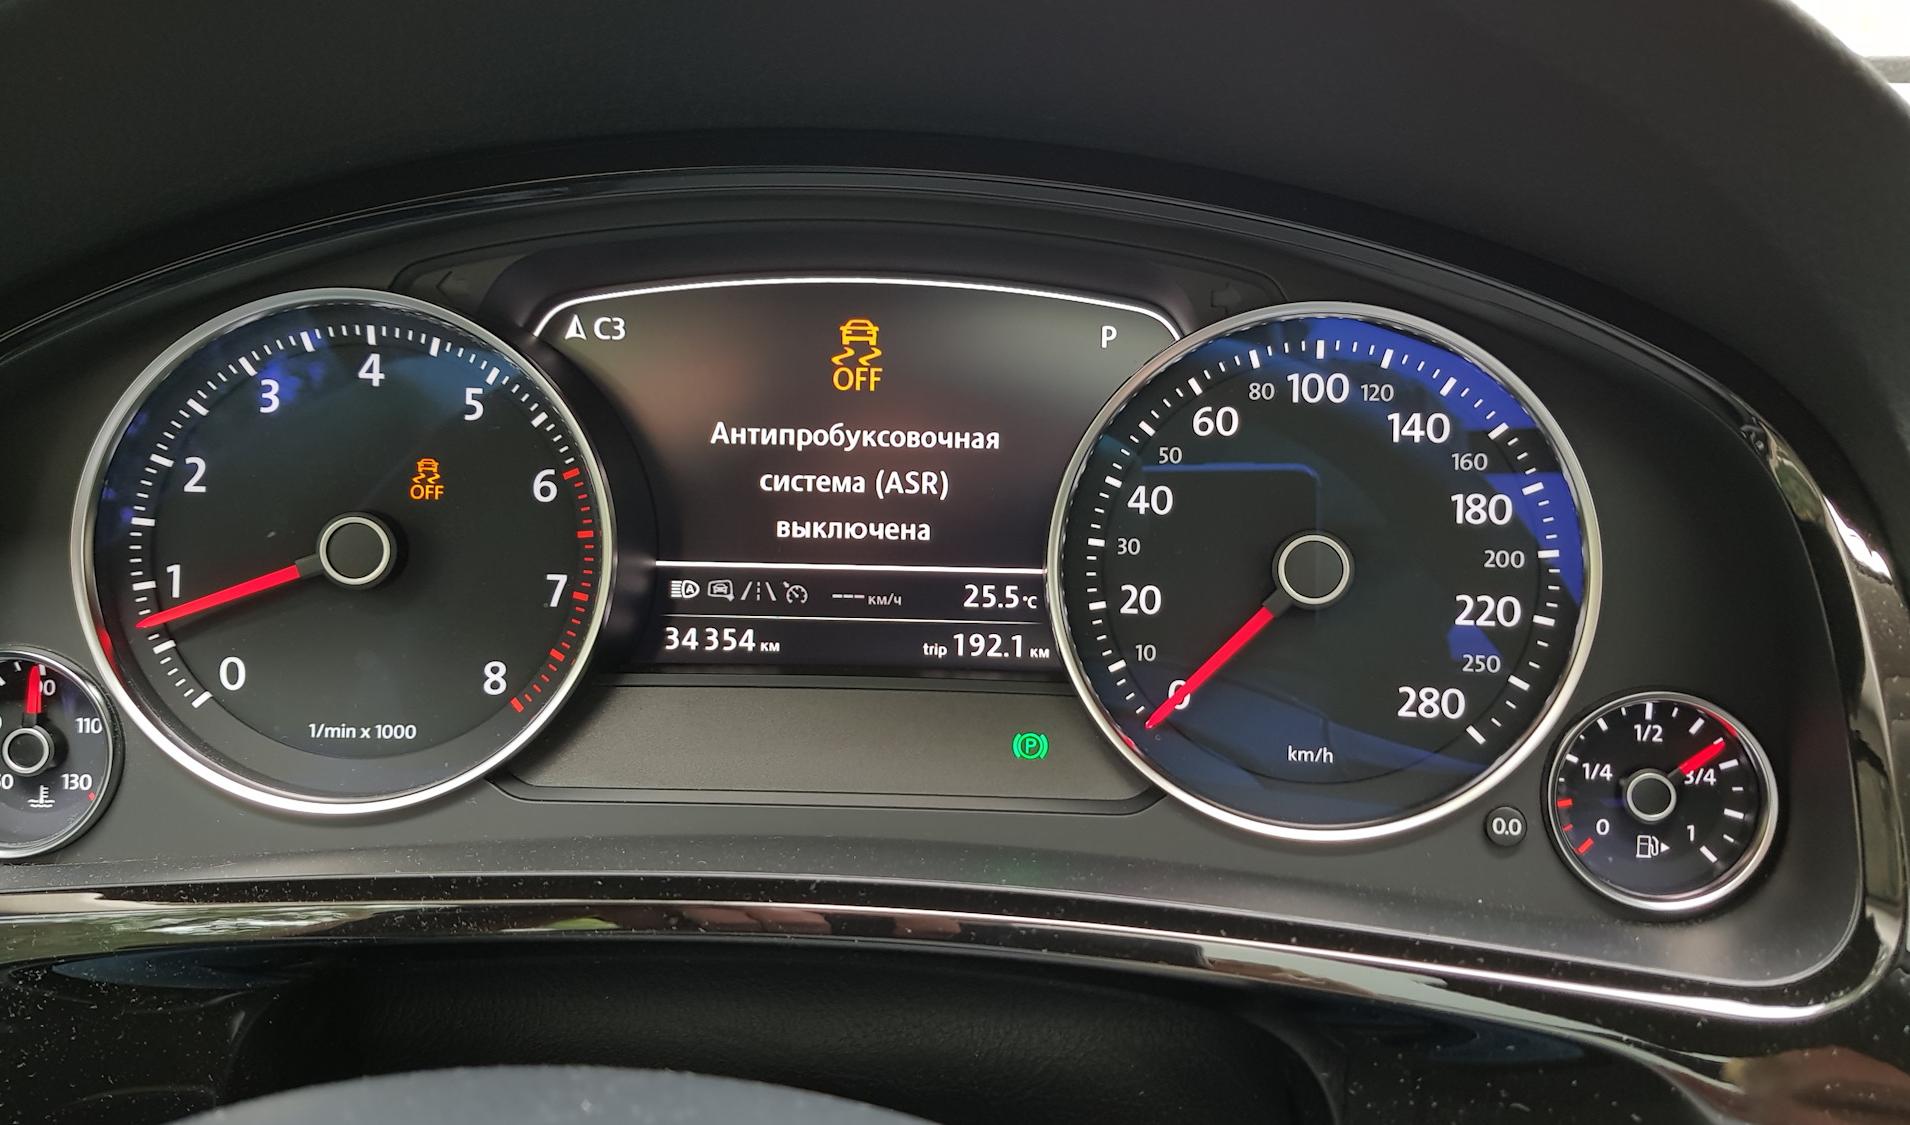 Значок антибуксовочной системы на панели авто